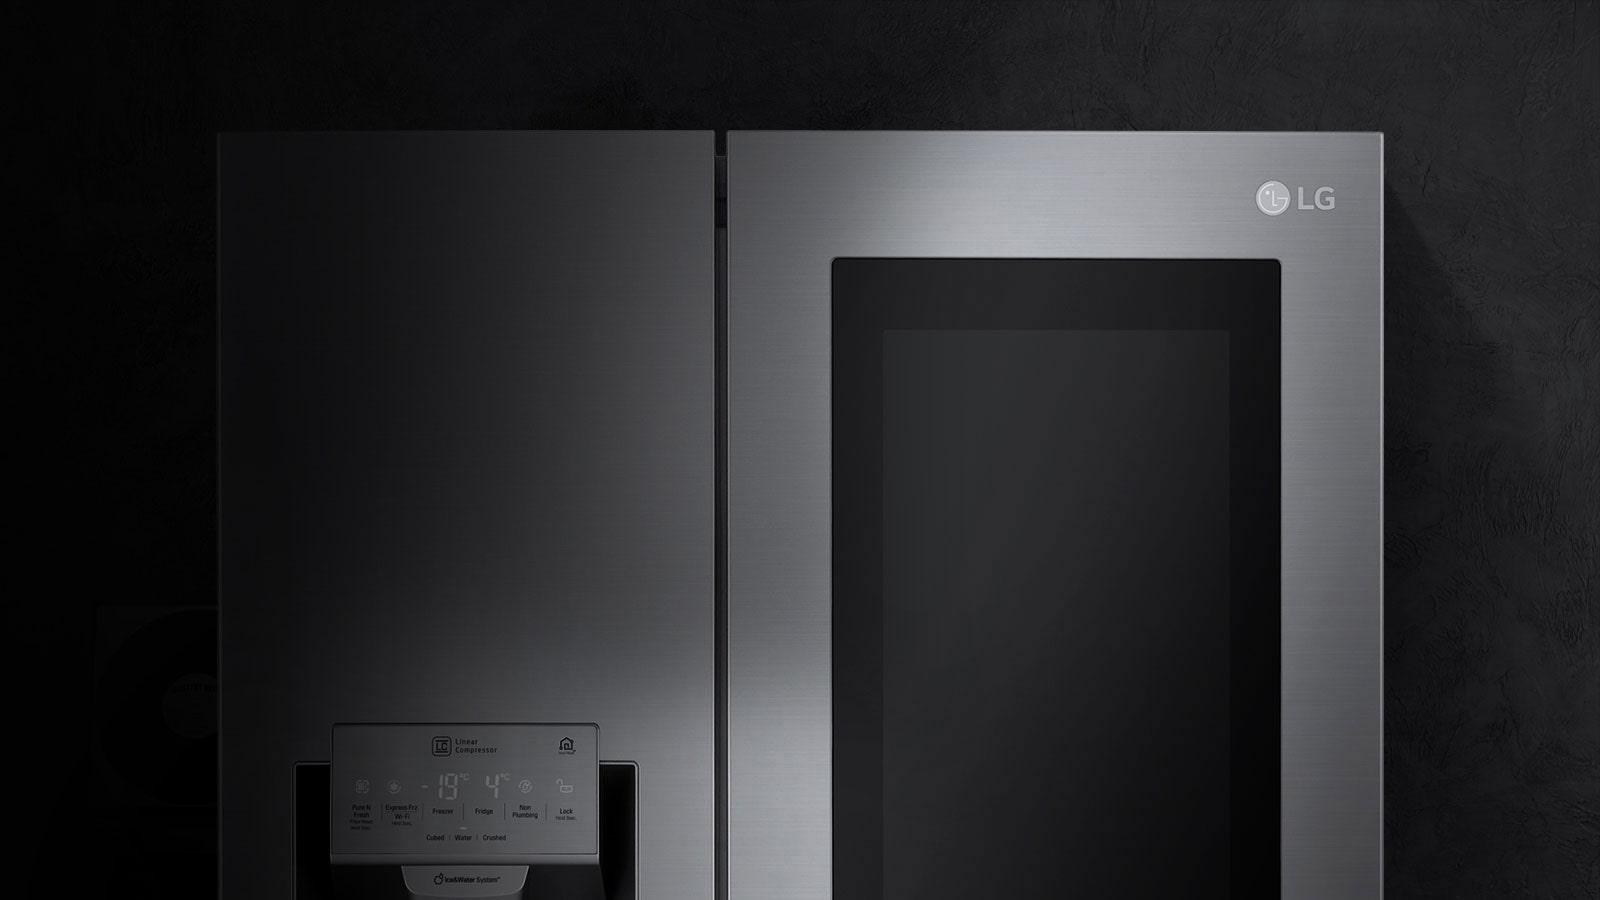 LG GC-X247CSAV 668 Ltr Door in Door Refrigerator Instaview